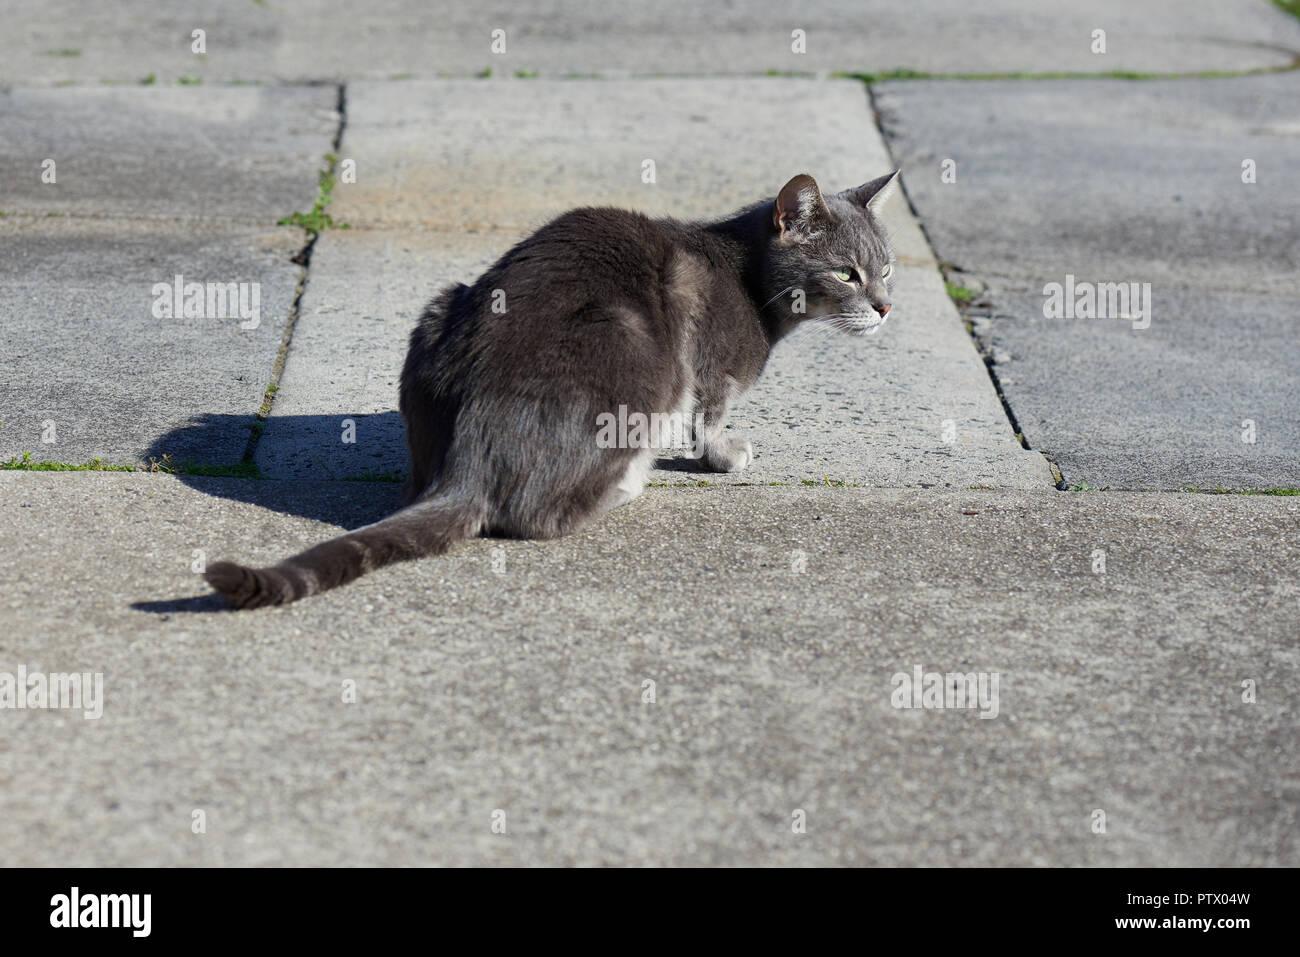 La calle Grey cat en un sendero de hormigón en el sol. Imagen De Stock